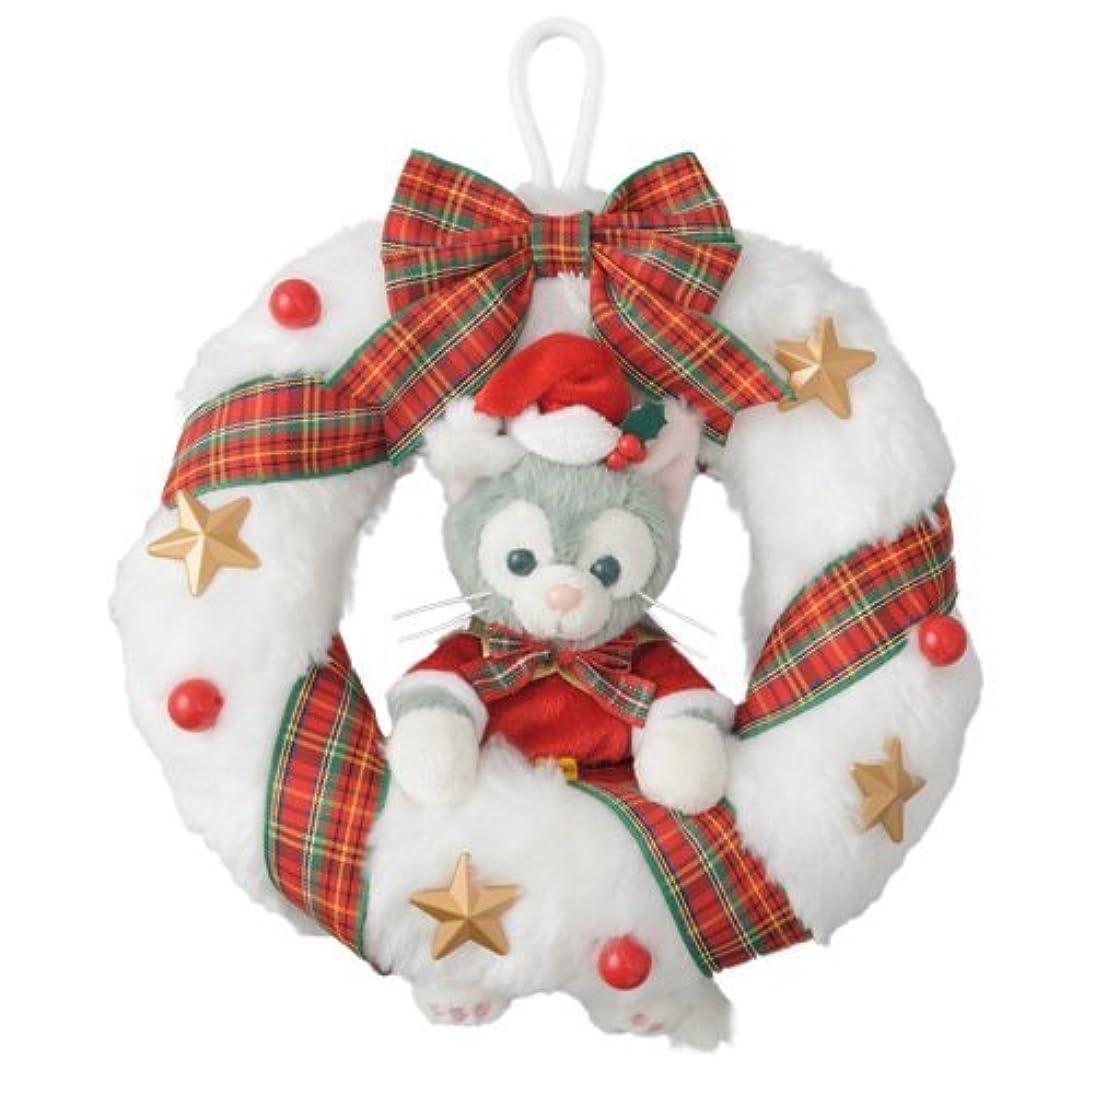 リスカジュアルマイコンジェラトーニ クリスマスリース ダッフィーのクリスマス2016 【東京ディズニーシー限定】 X'mas Duffy